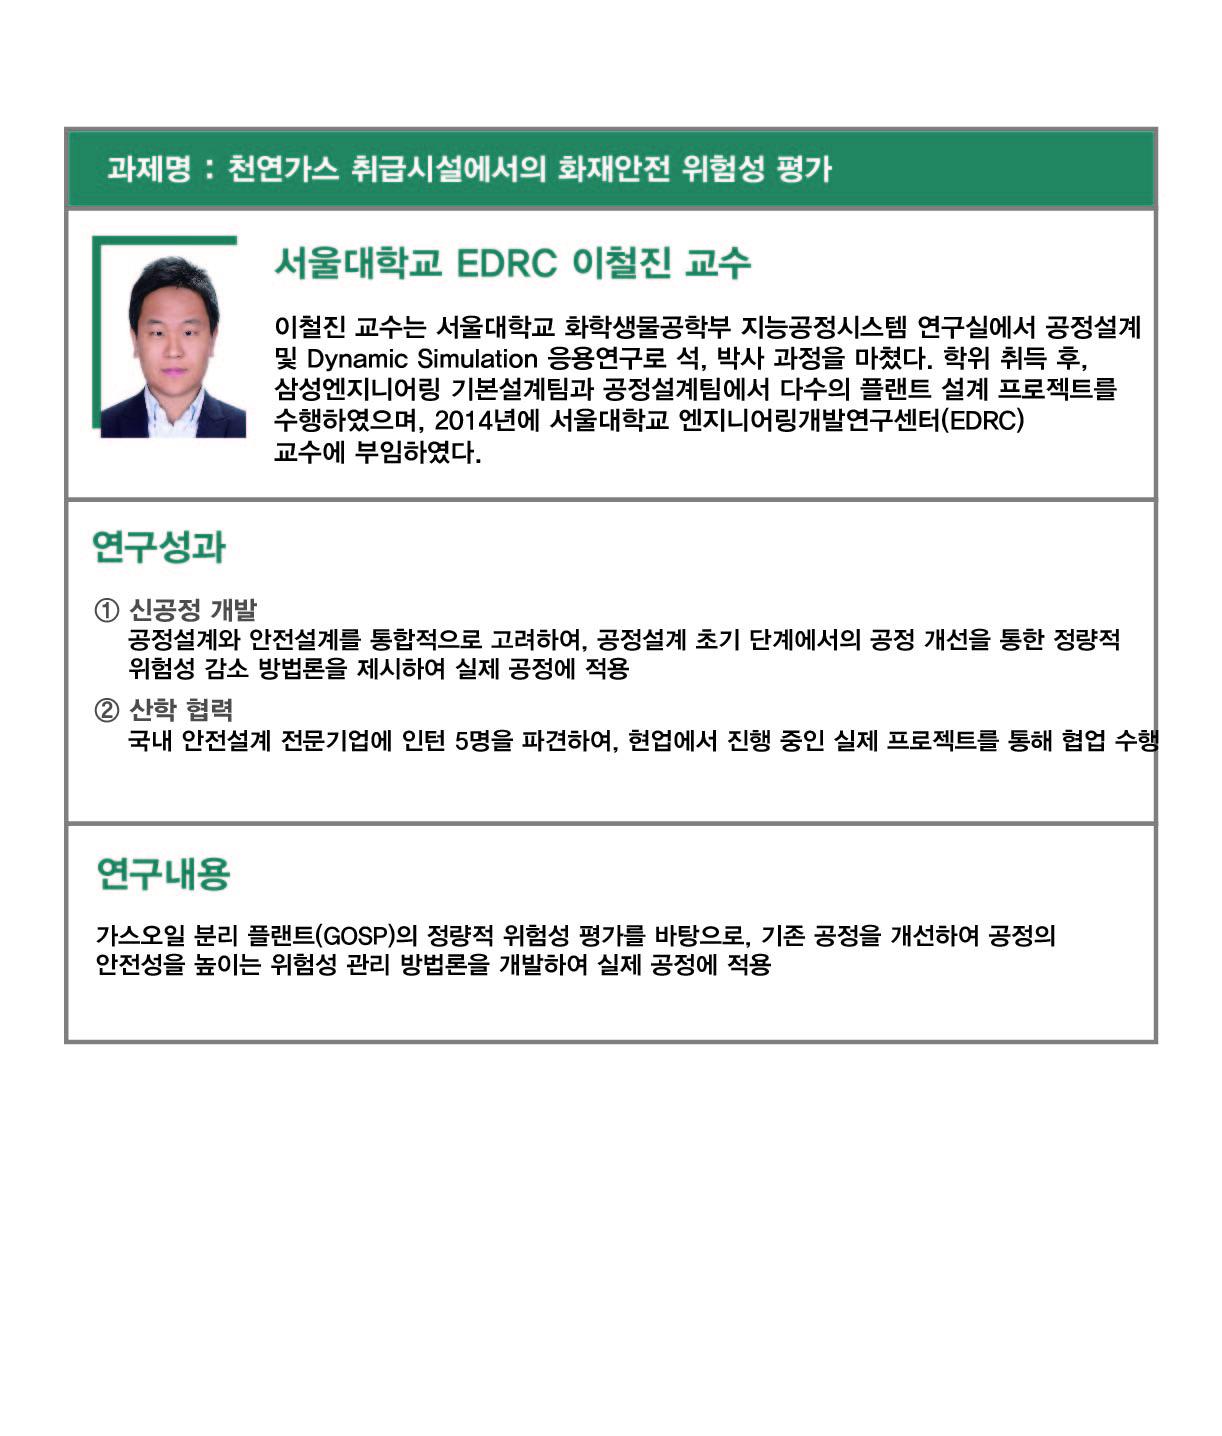 서울대 이철진 교수님.jpg